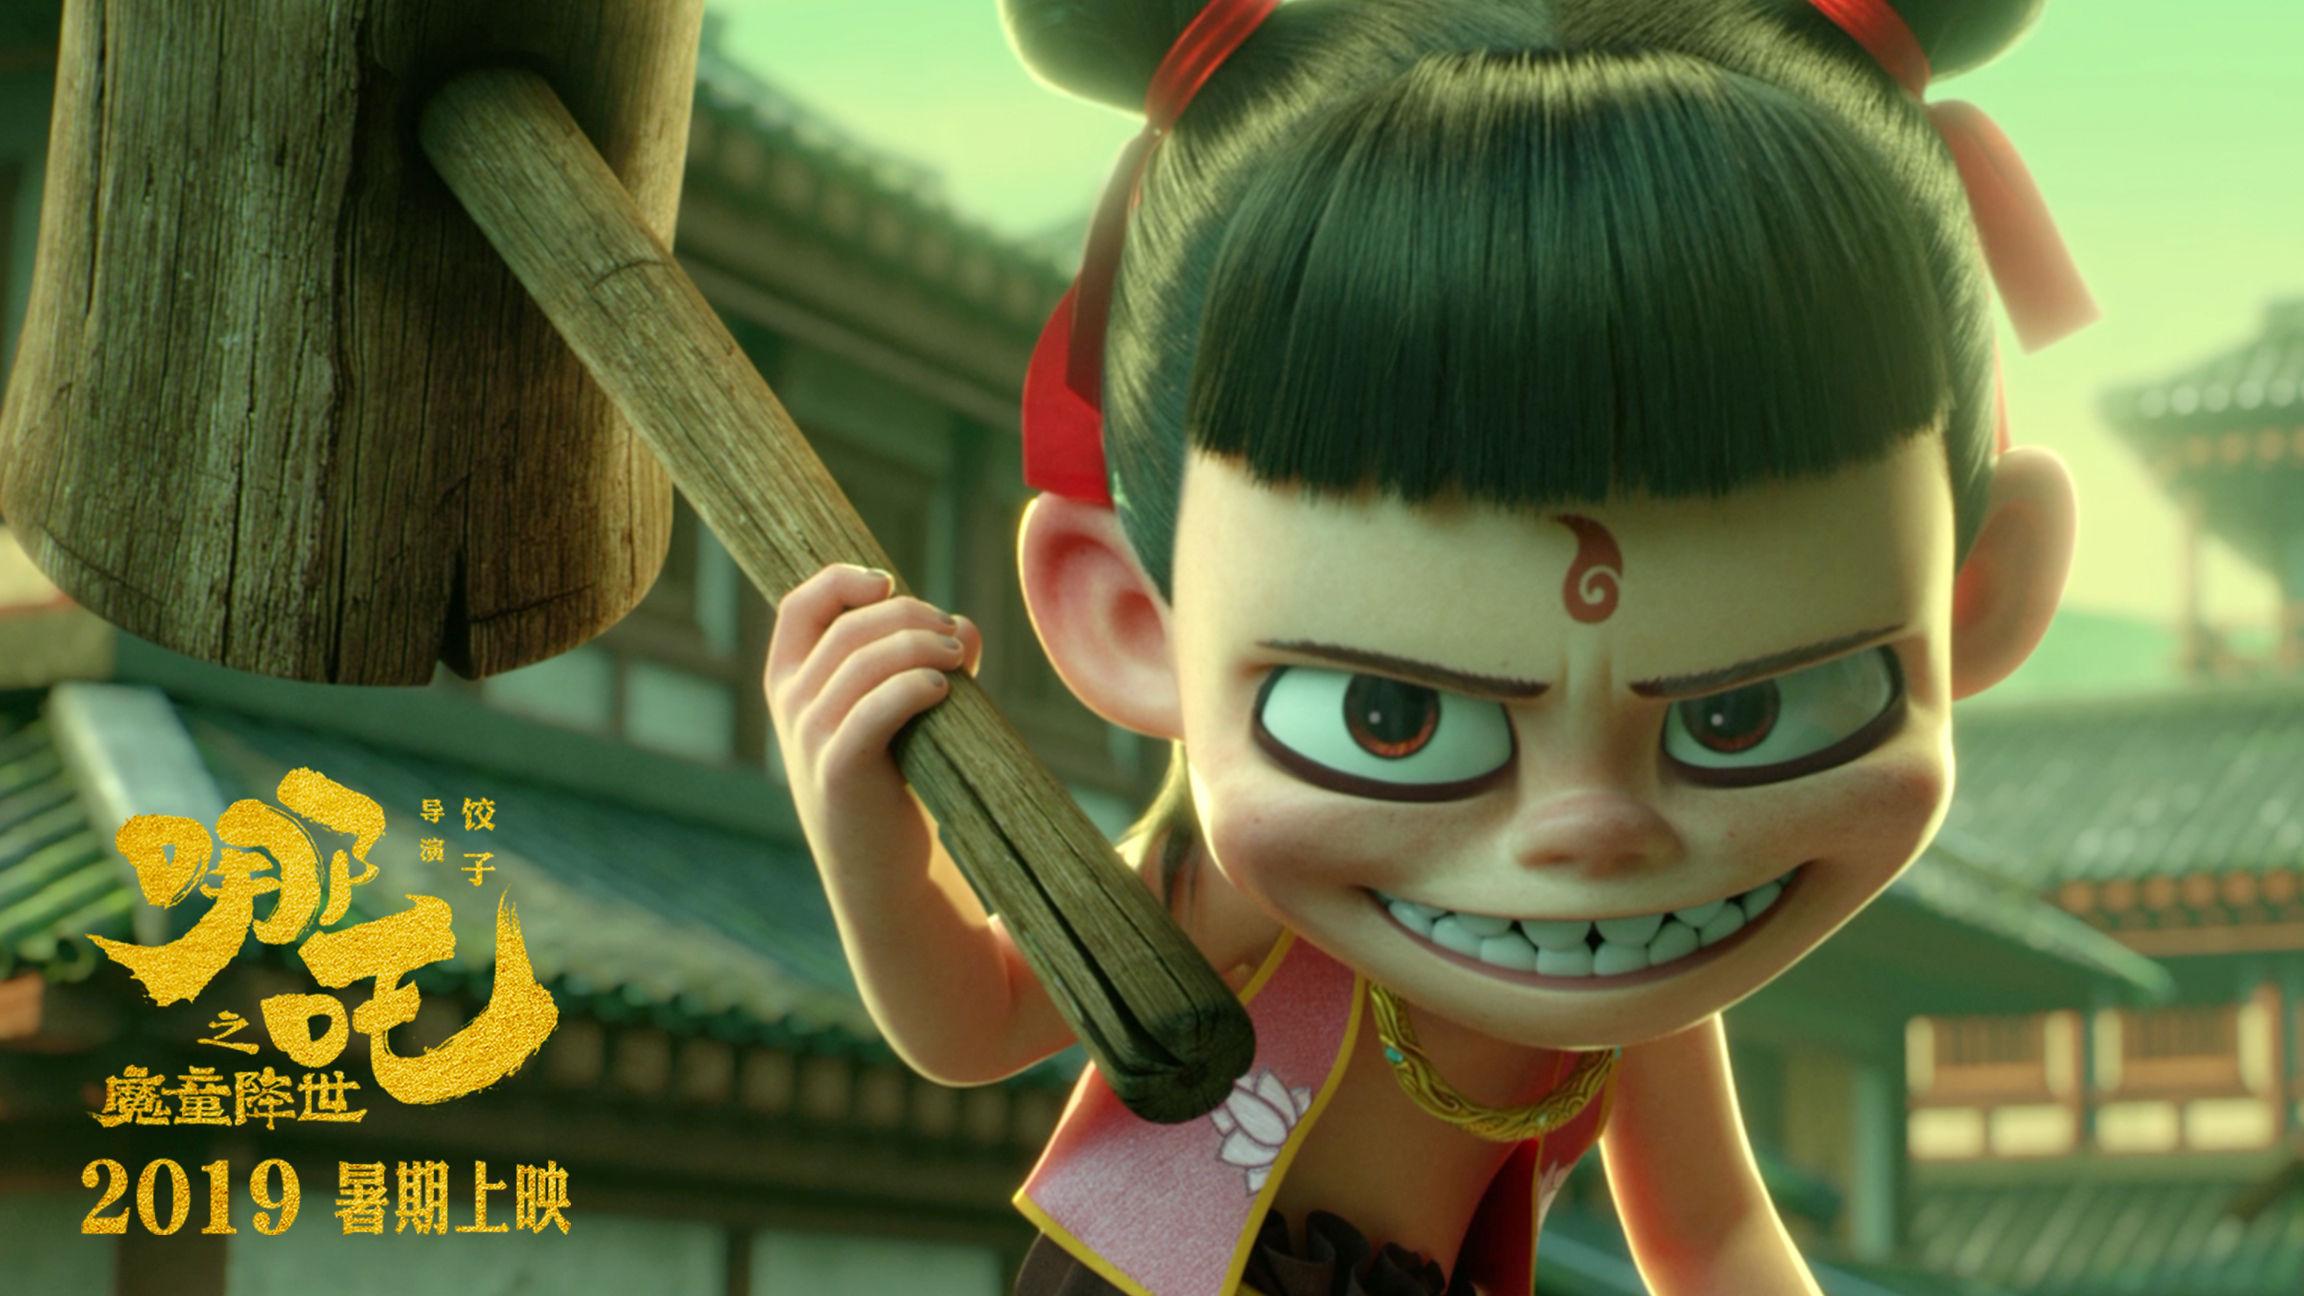 《哪吒》之后,中国动画电影能否后继有人?